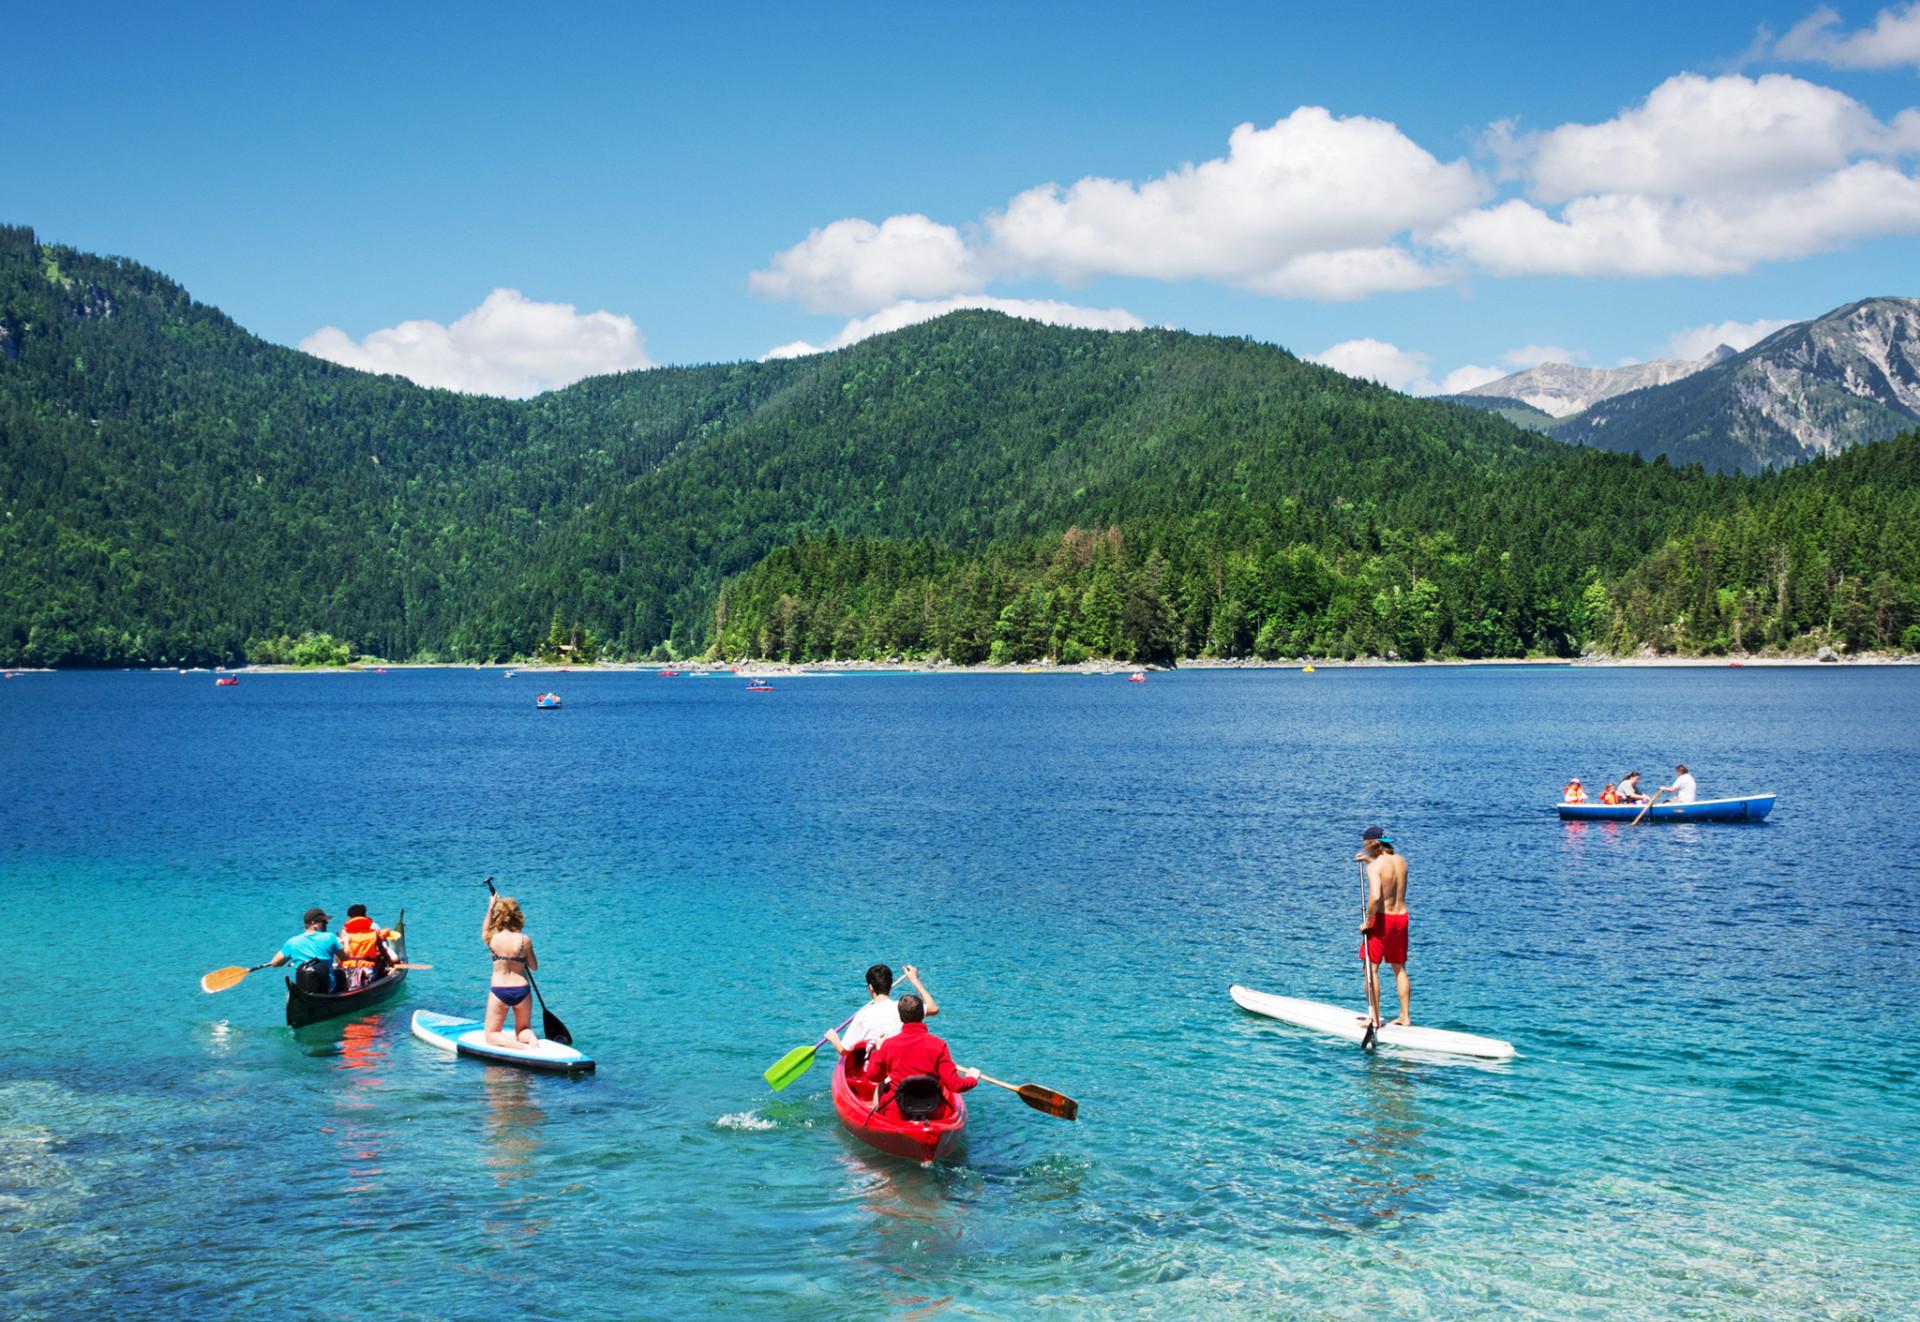 Aktivitäten beim Camping am See